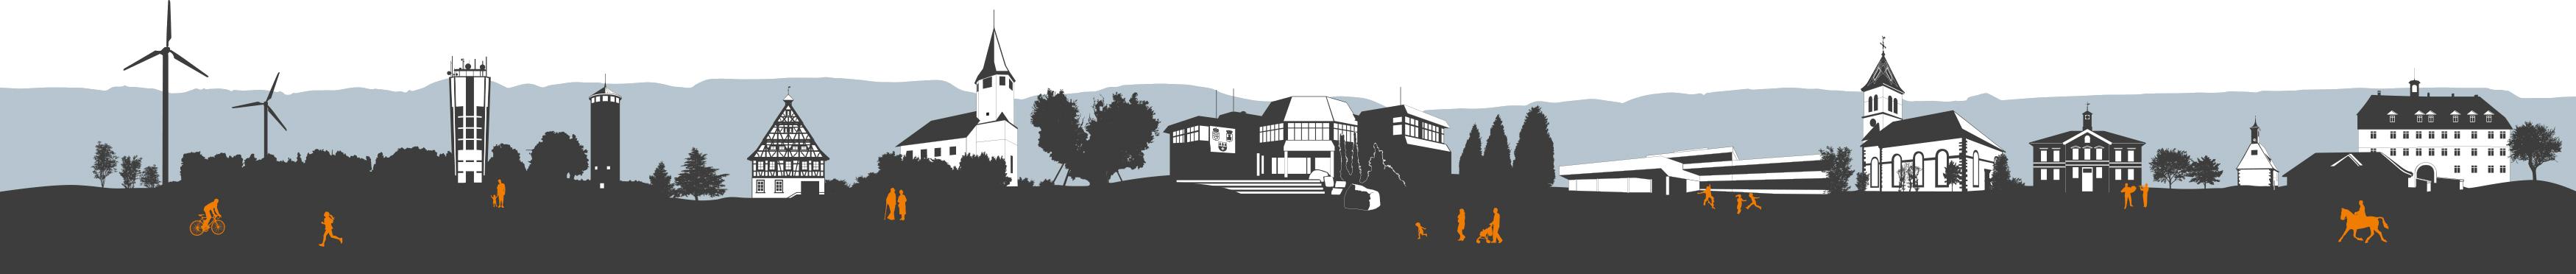 KFS STUDIO stellt vor: Referenzprojekt der Gemeinde Jettingen, Illustration der Jettinger Skyline.